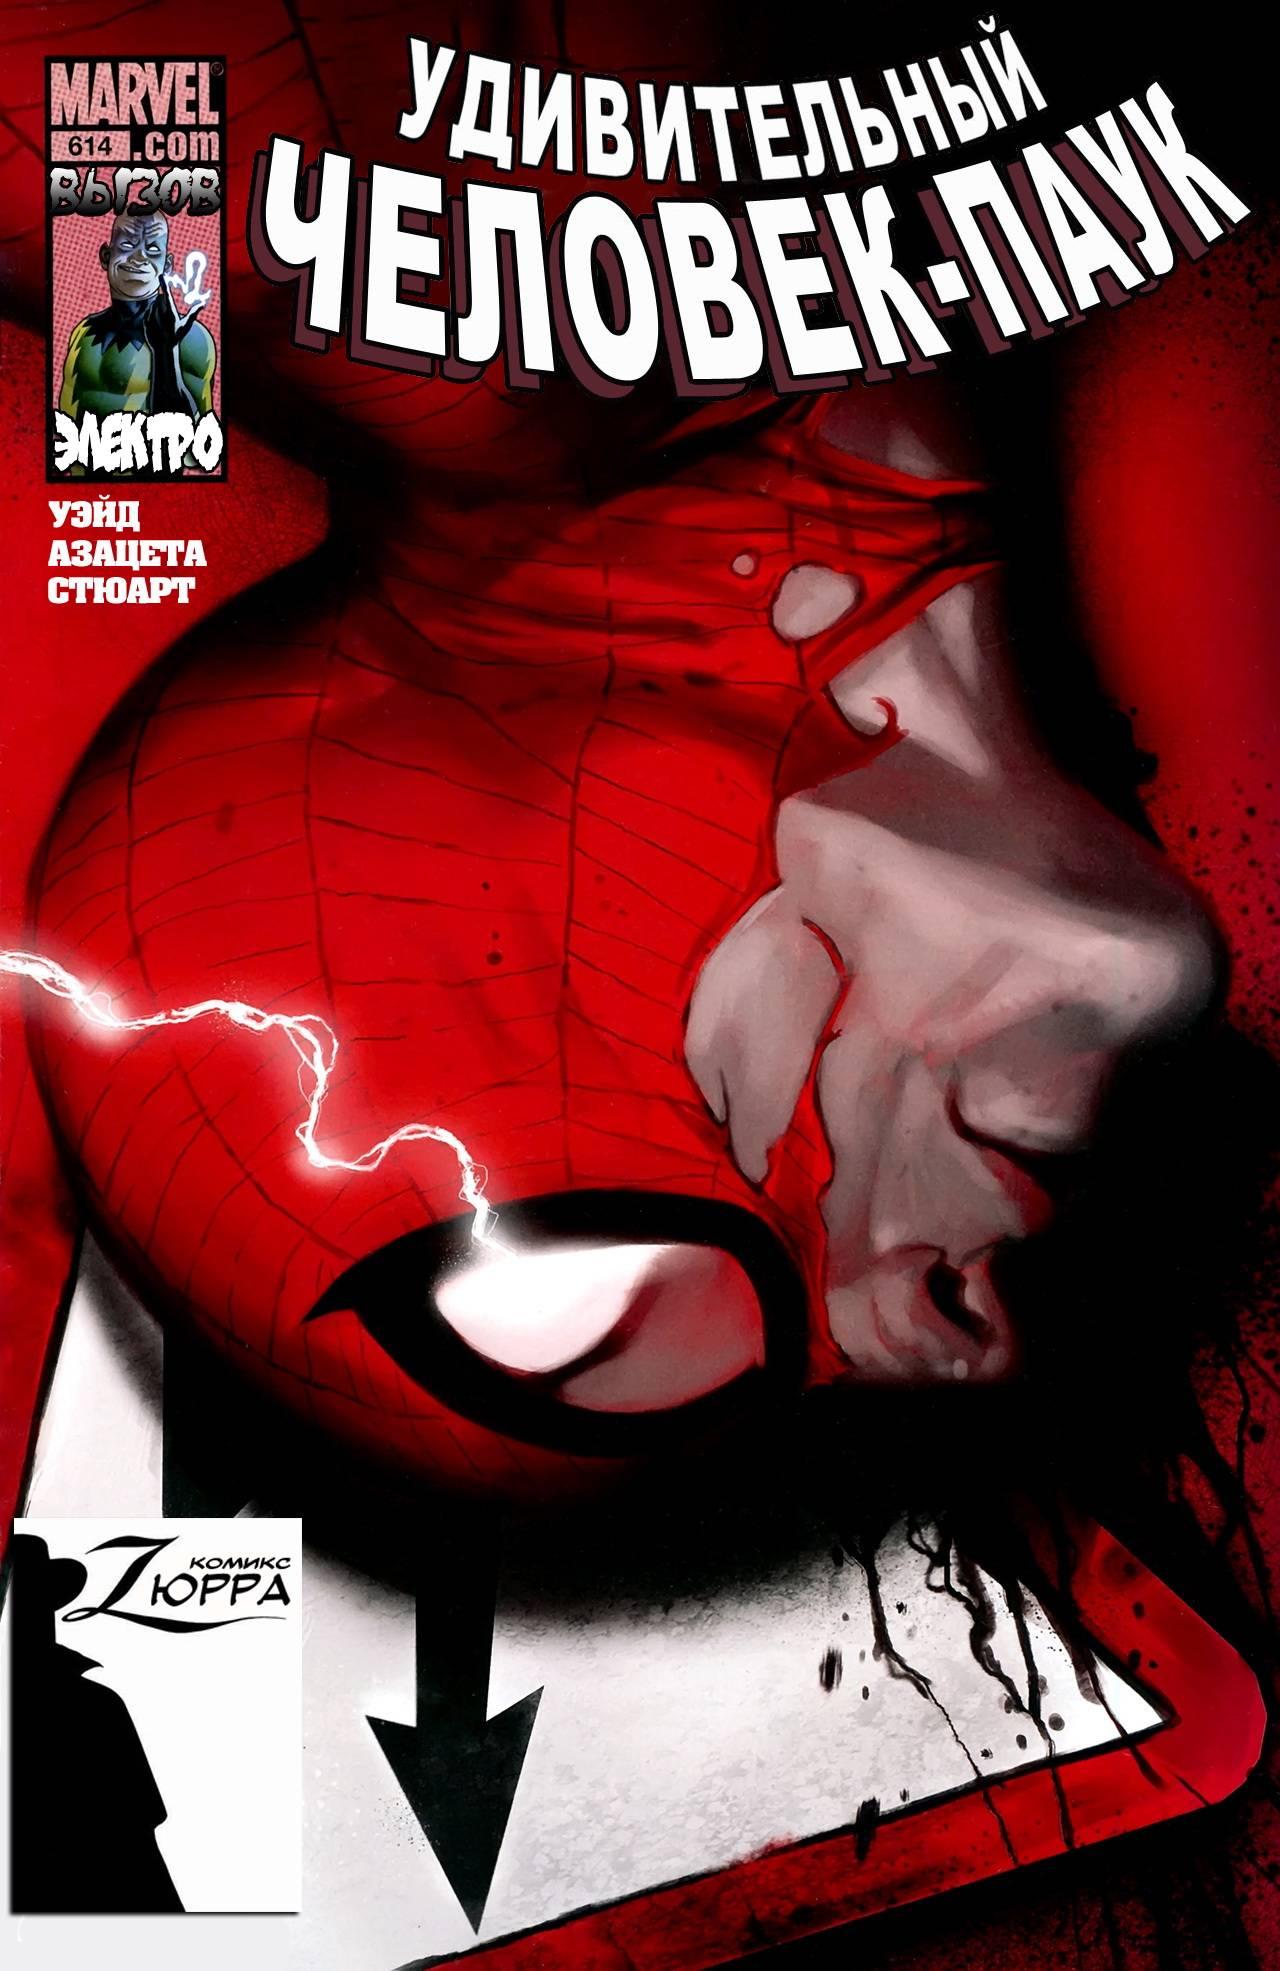 Удивительный Человек-паук №614 онлайн